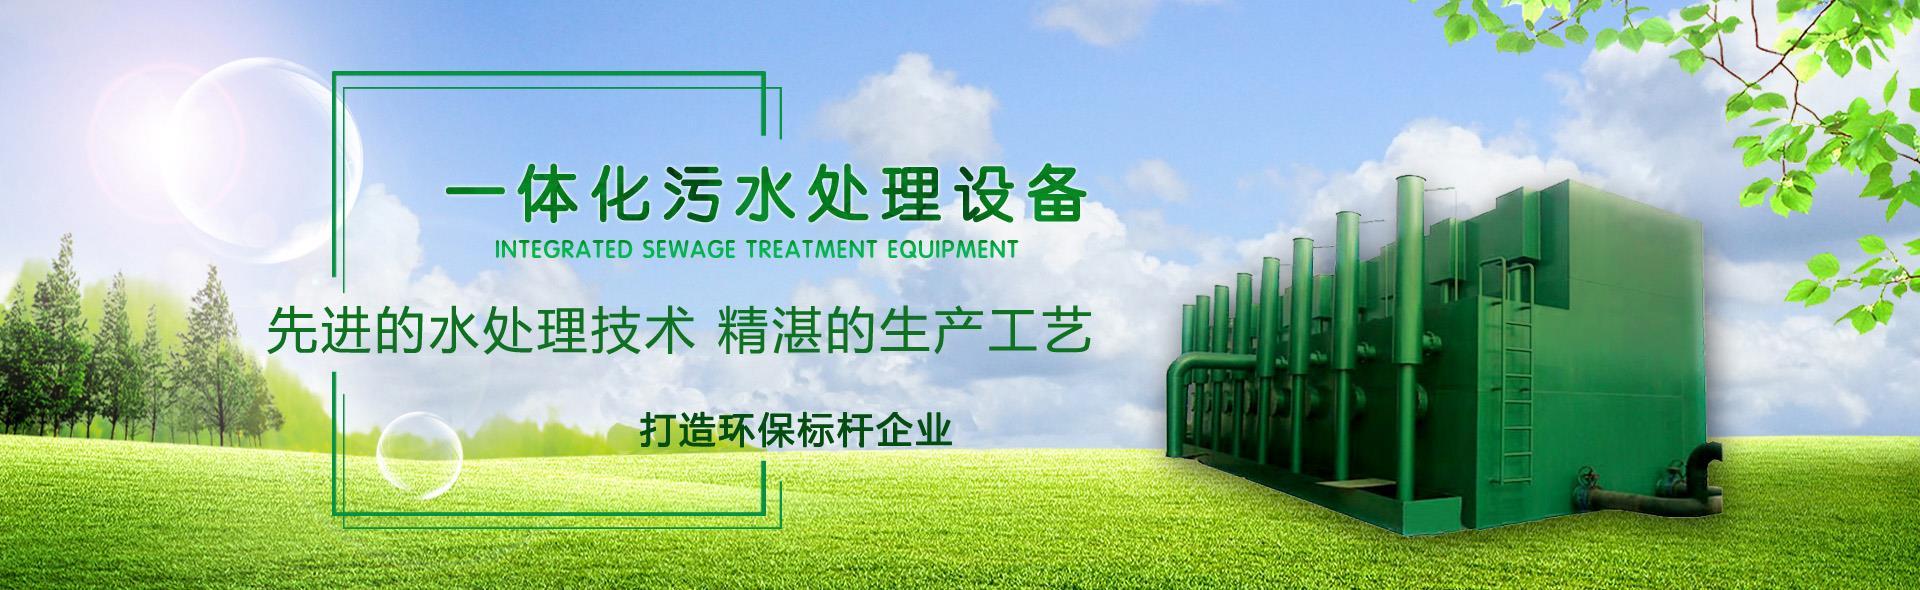 农cun净shui器设备